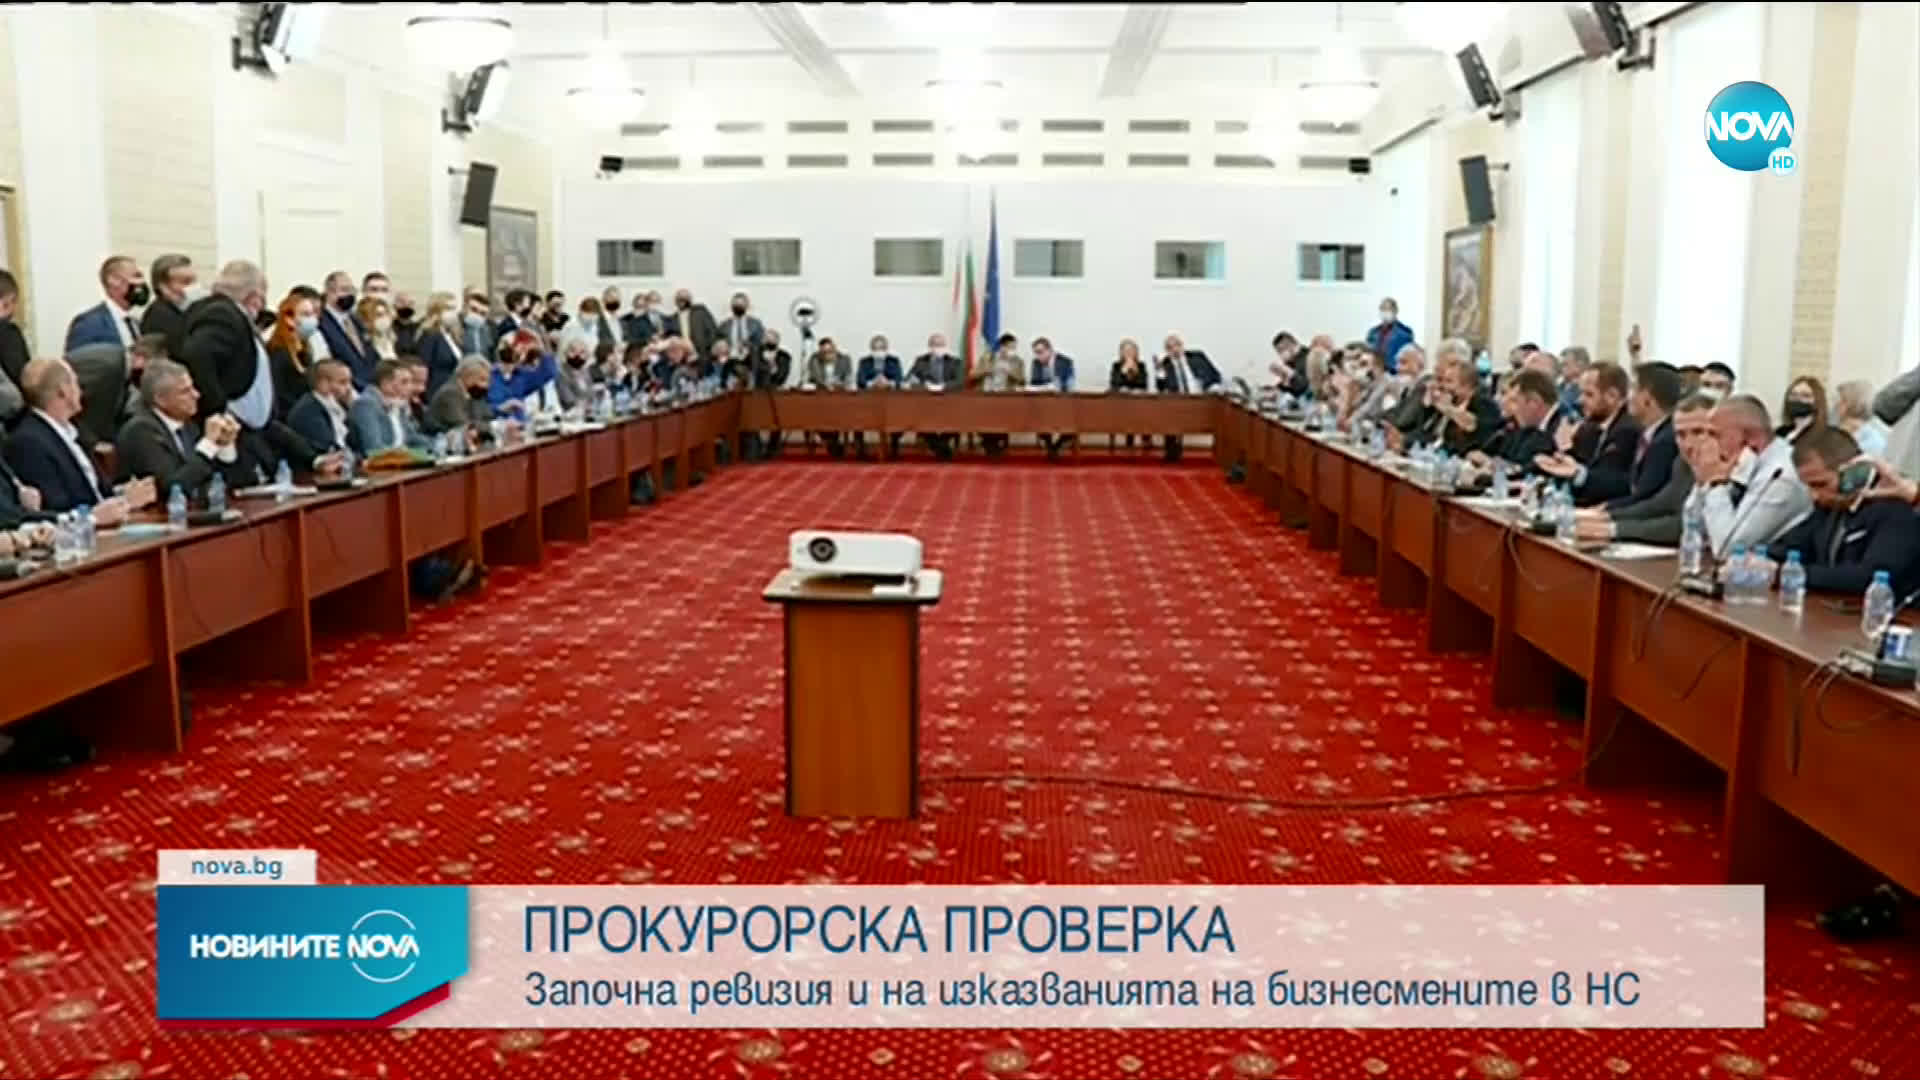 Прокуратурата проверява казаното от Илчовски и Иван Ангелов в парламента